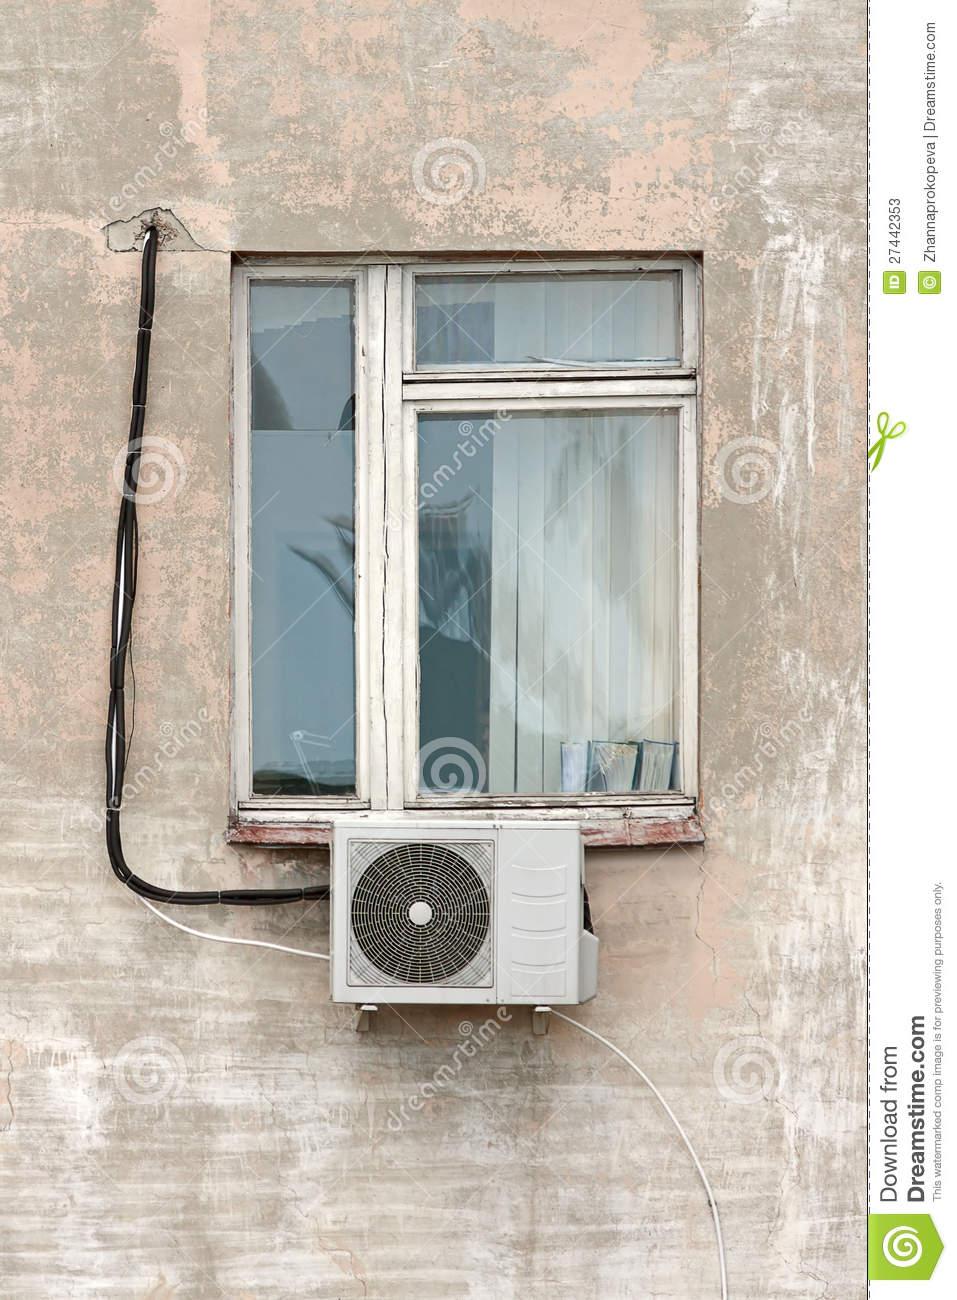 Full Size of Fenster Klimaanlage Mit Stockbild Bild Von Konditionierung 27442353 Lüftung Roro Rollos Innen Abus Einbruchschutzfolie Putzen Weihnachtsbeleuchtung Wohnzimmer Fenster Klimaanlage